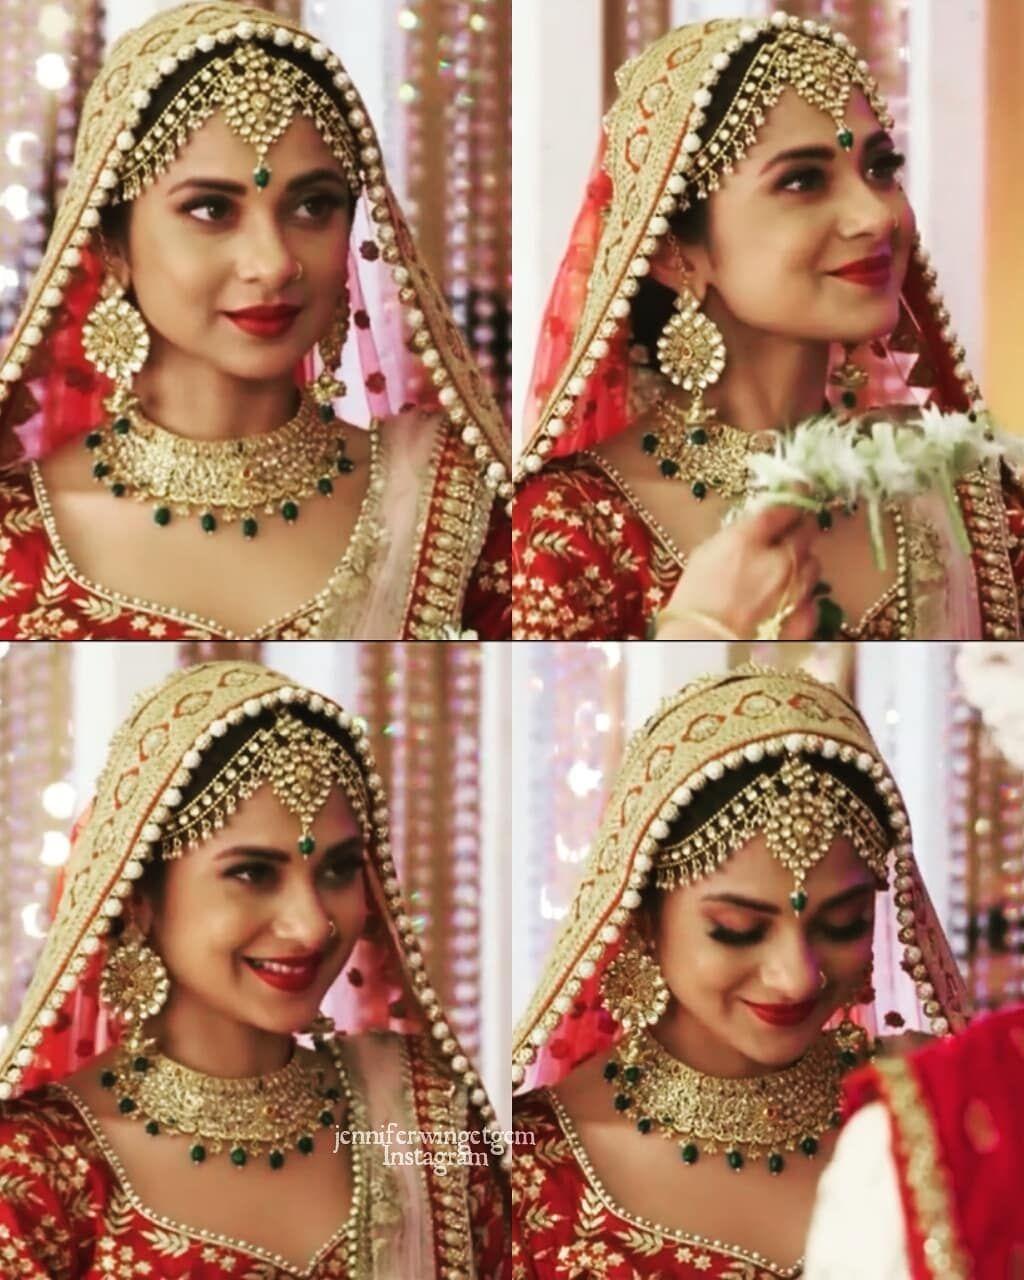 32 Likes 0 Comments Tanshi X Adiya Emiicandy On Instagram Elegant Jenniferwinget1 Harshad Chopda Jennifer Winget Indian Bridal Baby Charm Bracelet